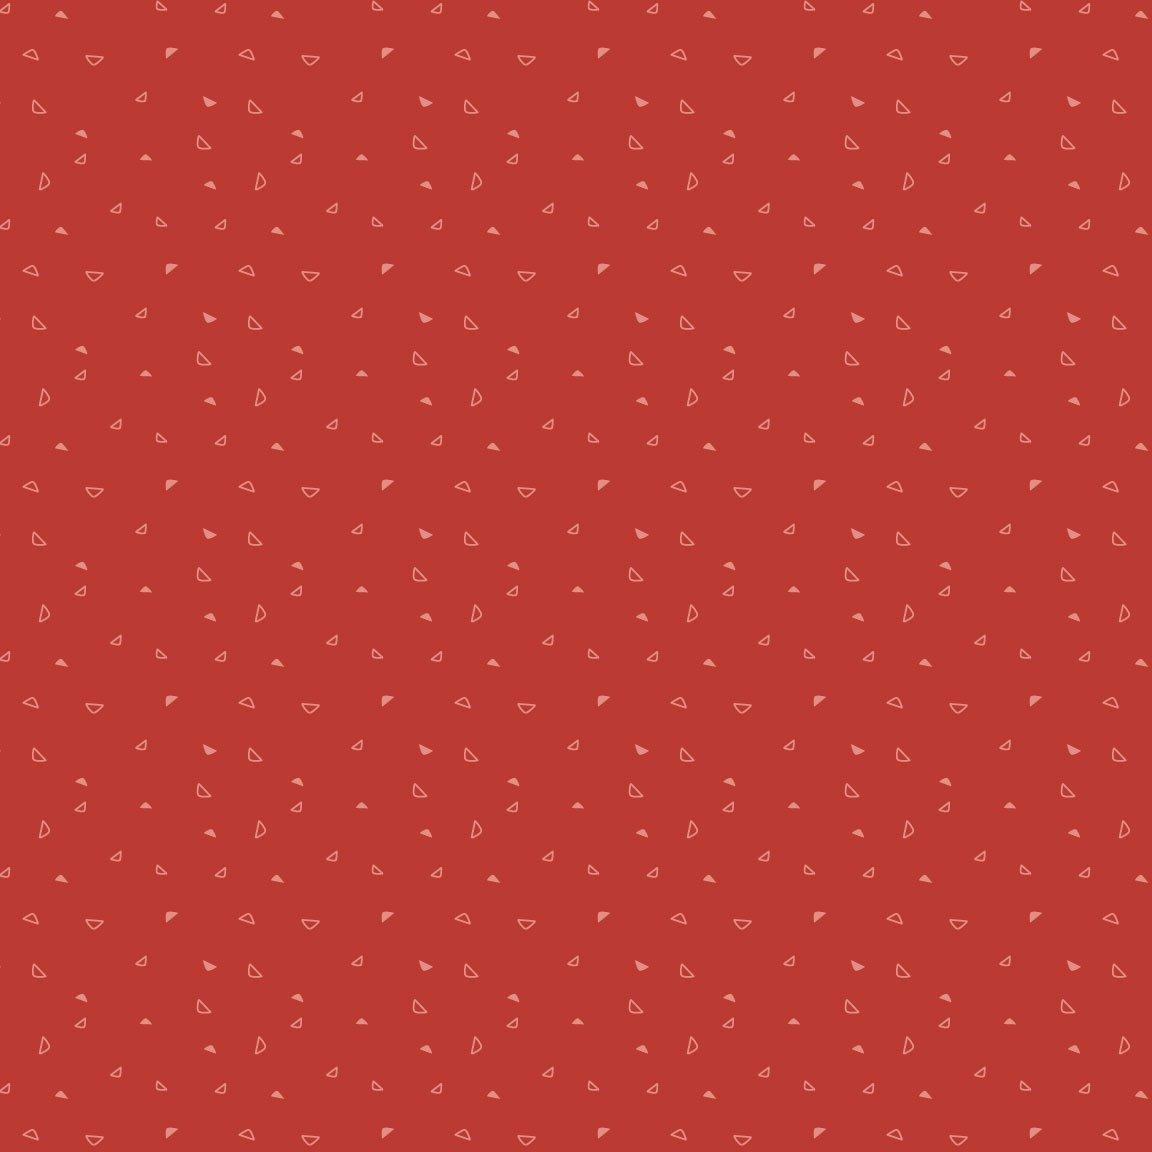 Blenders - Red -  107